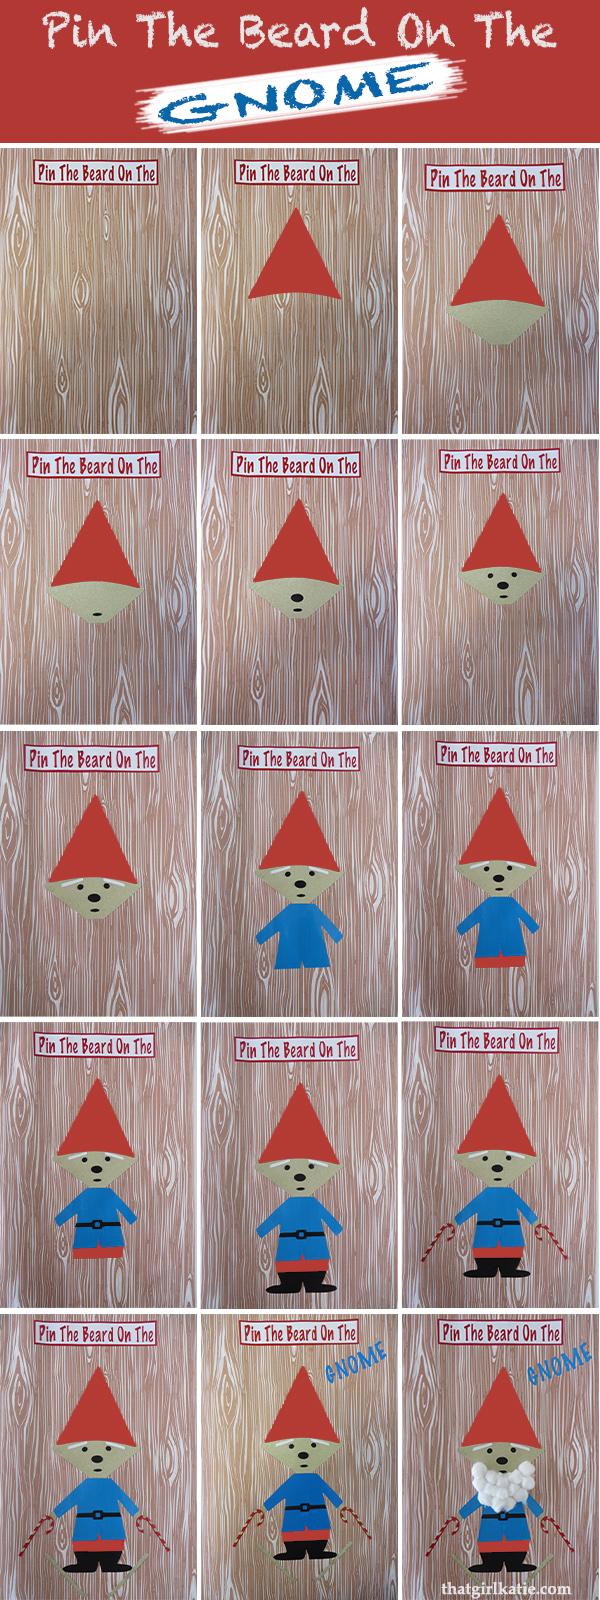 Gnome_blog